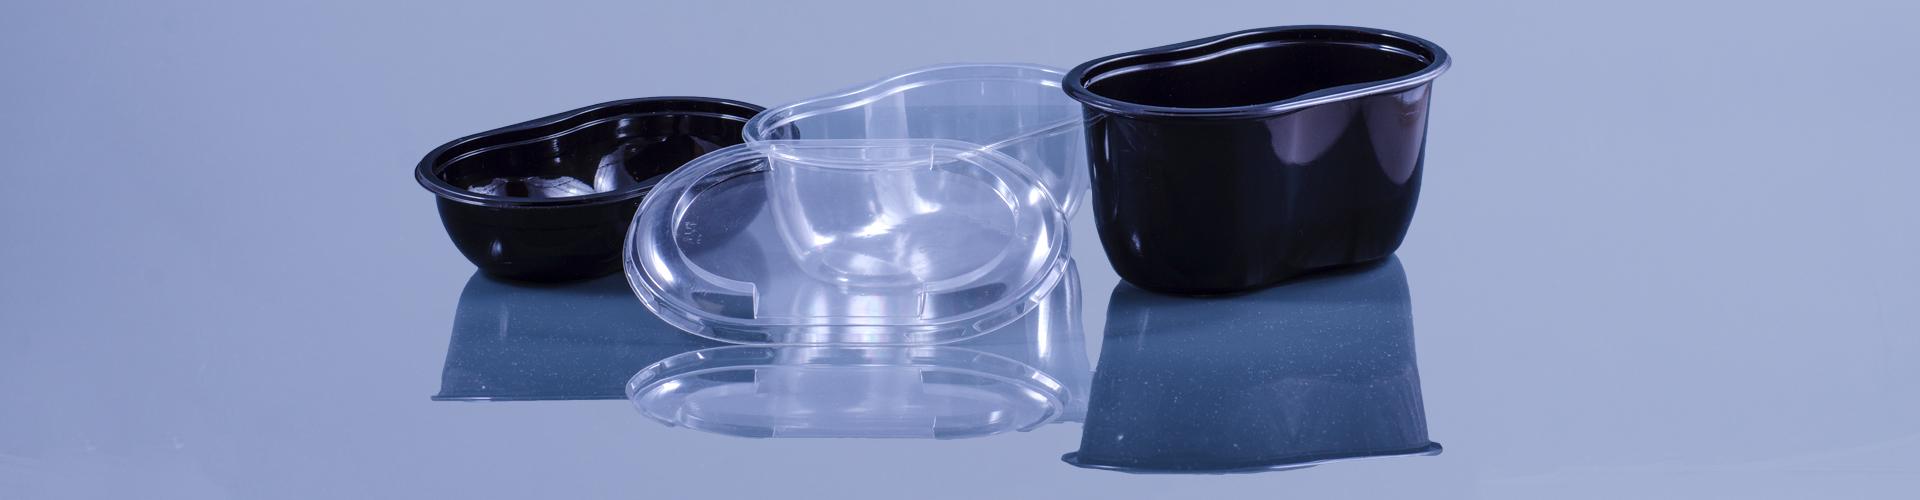 Údonság! Piskóta műanyag tálka